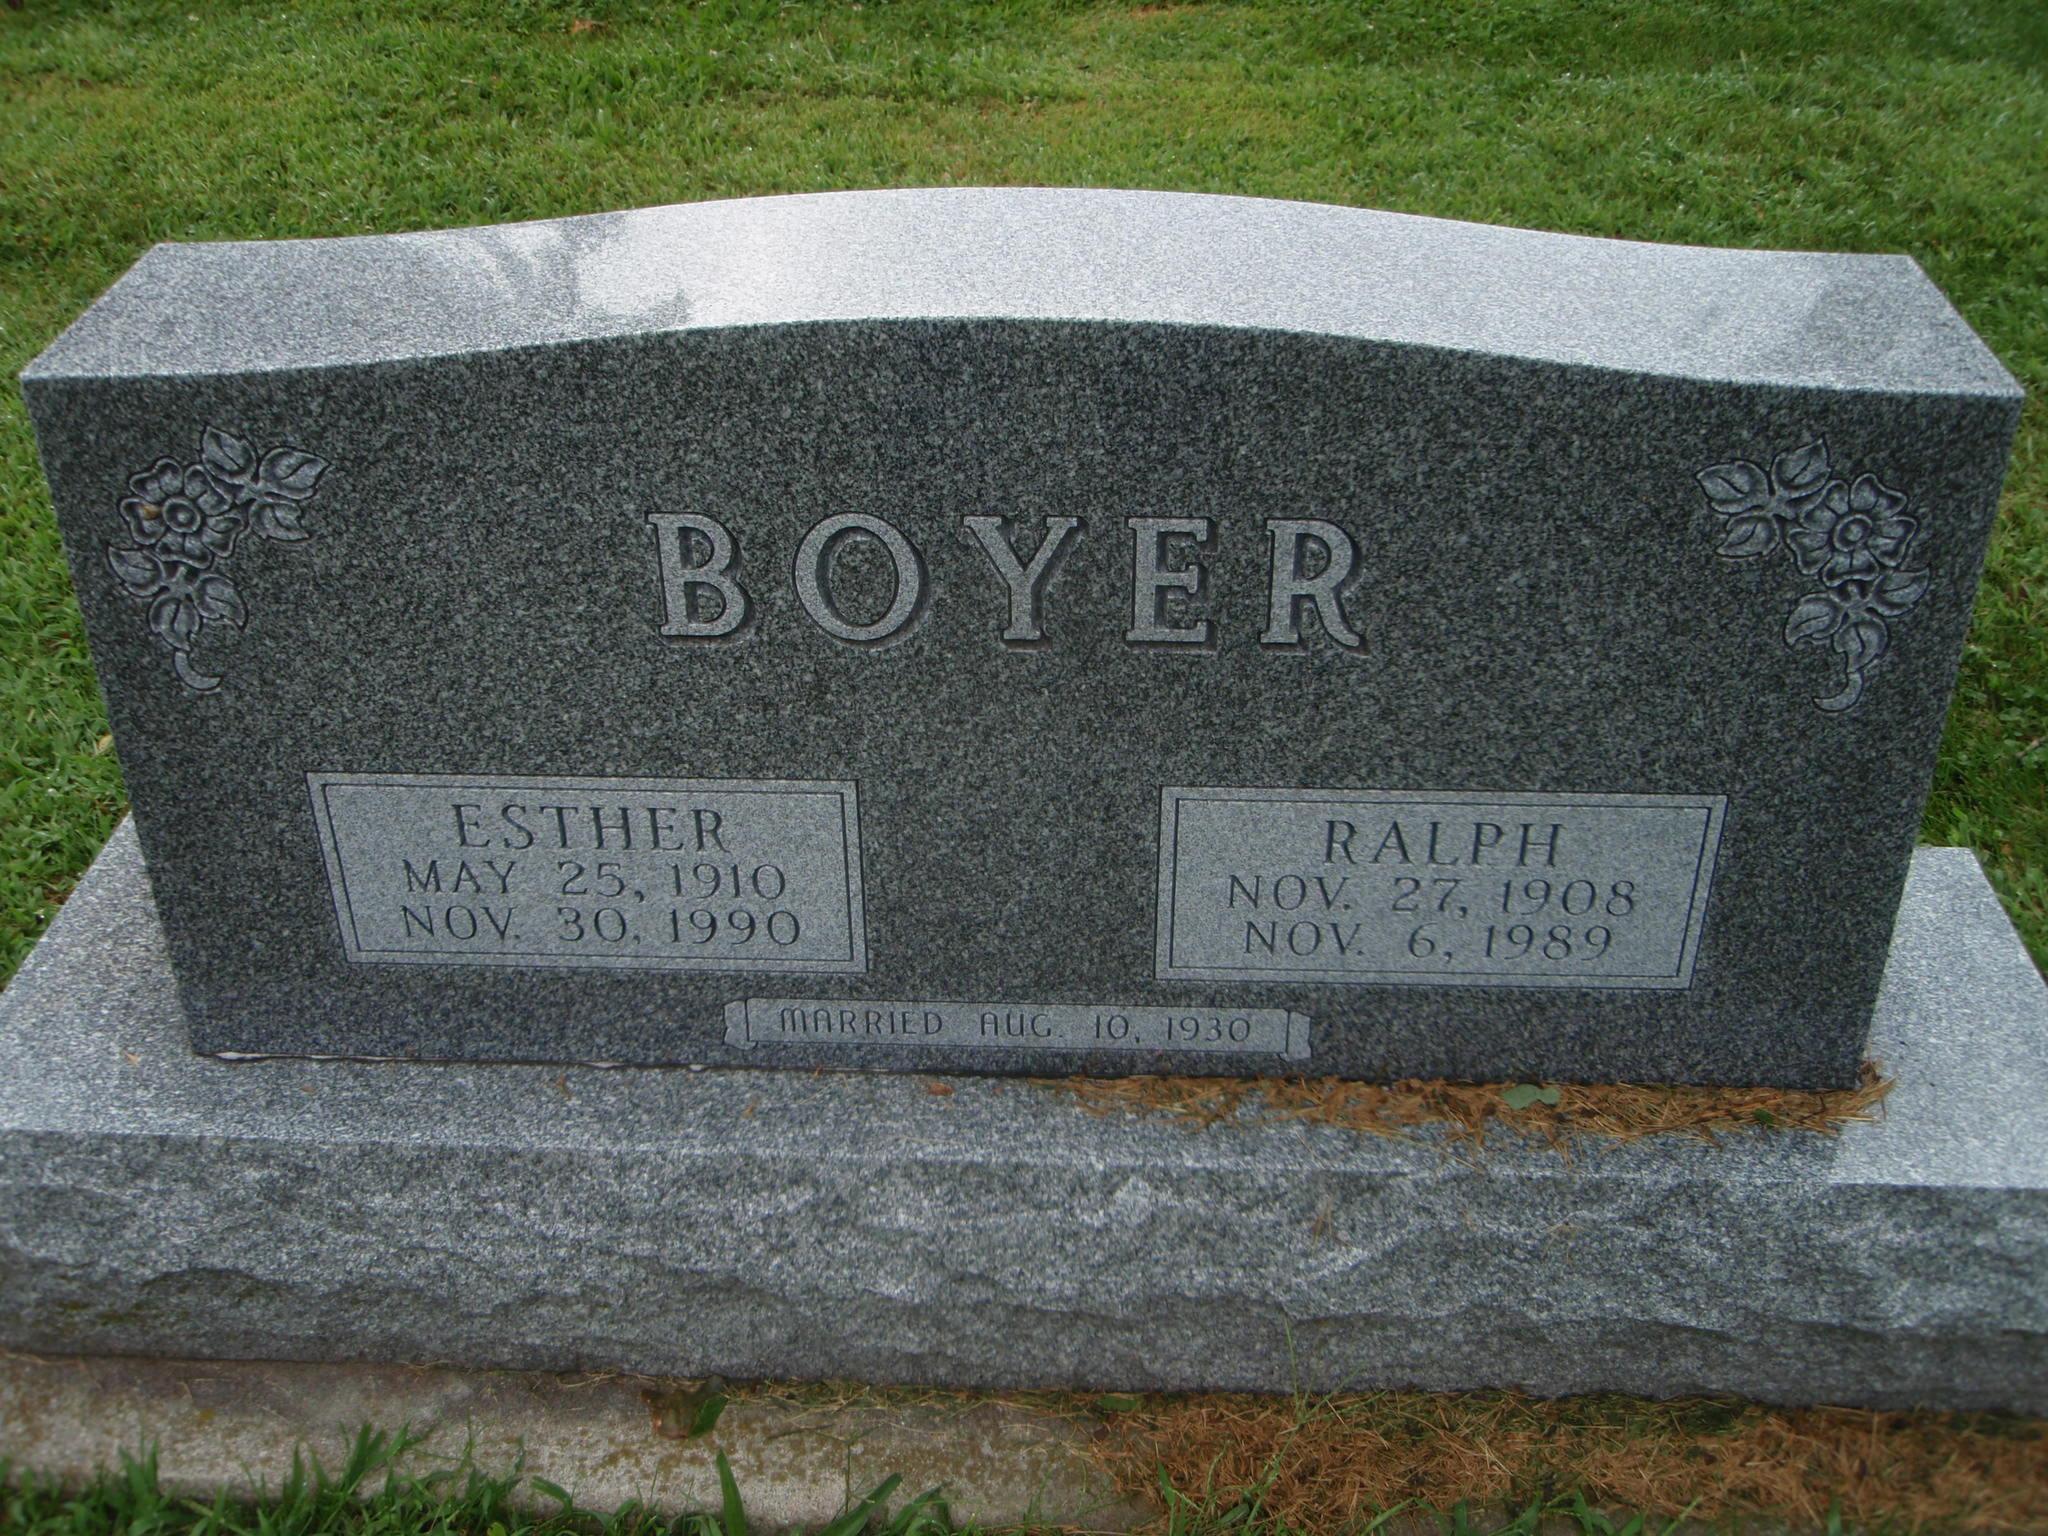 Nicholas Boyer